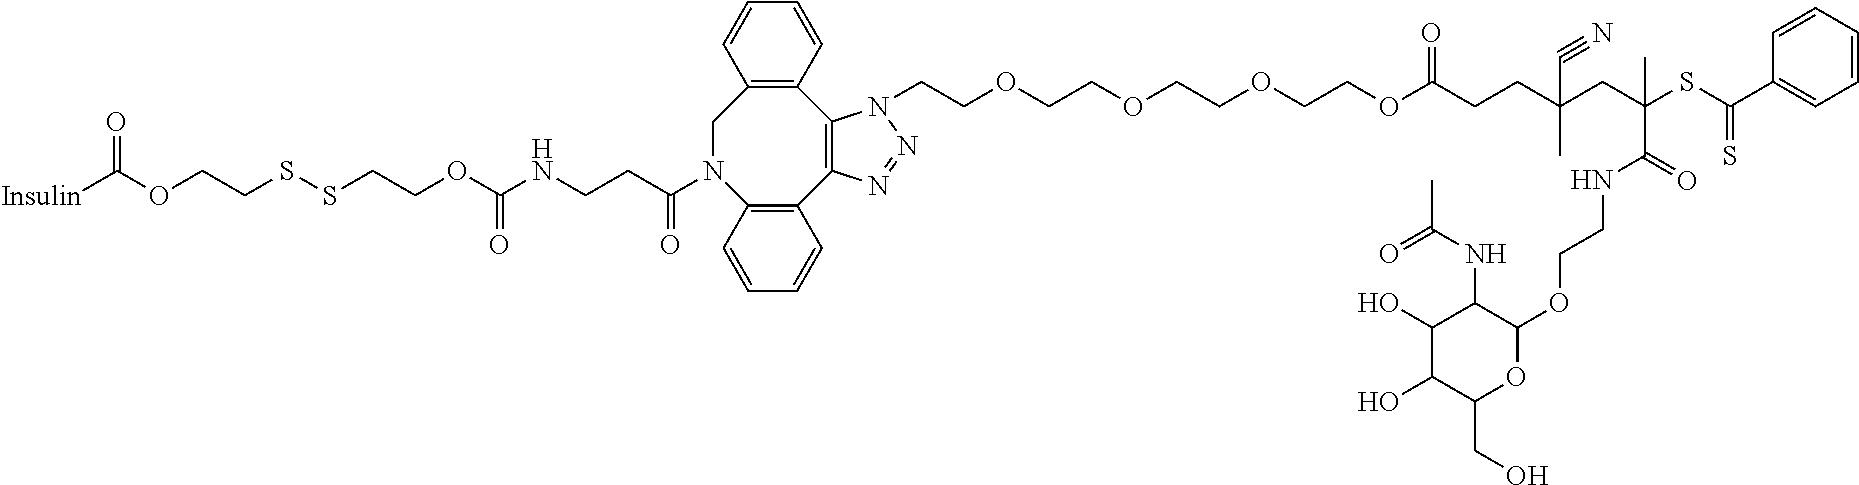 Figure US10046056-20180814-C00034